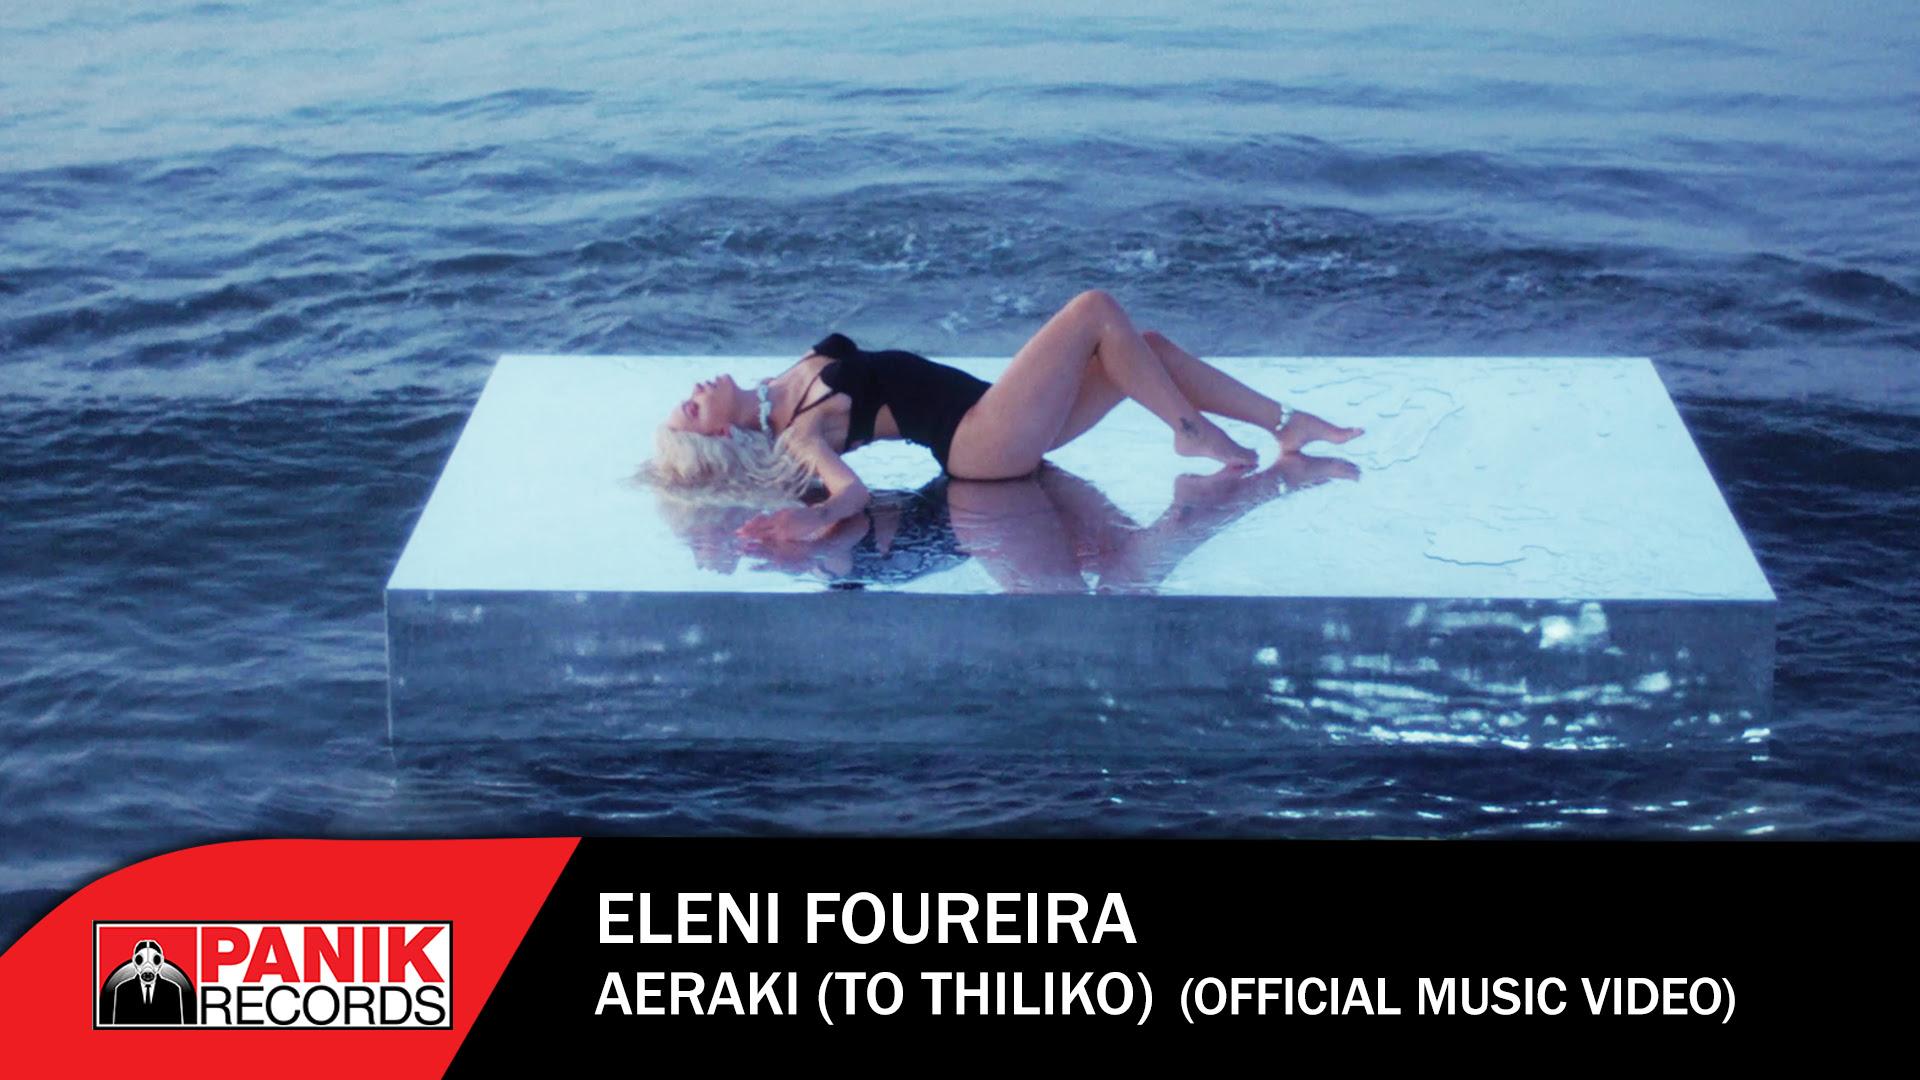 Ελένη Φουρέιρα - «Αεράκι (Το Θηλυκό)»: no1 YouTube trend σε 48 ώρες!